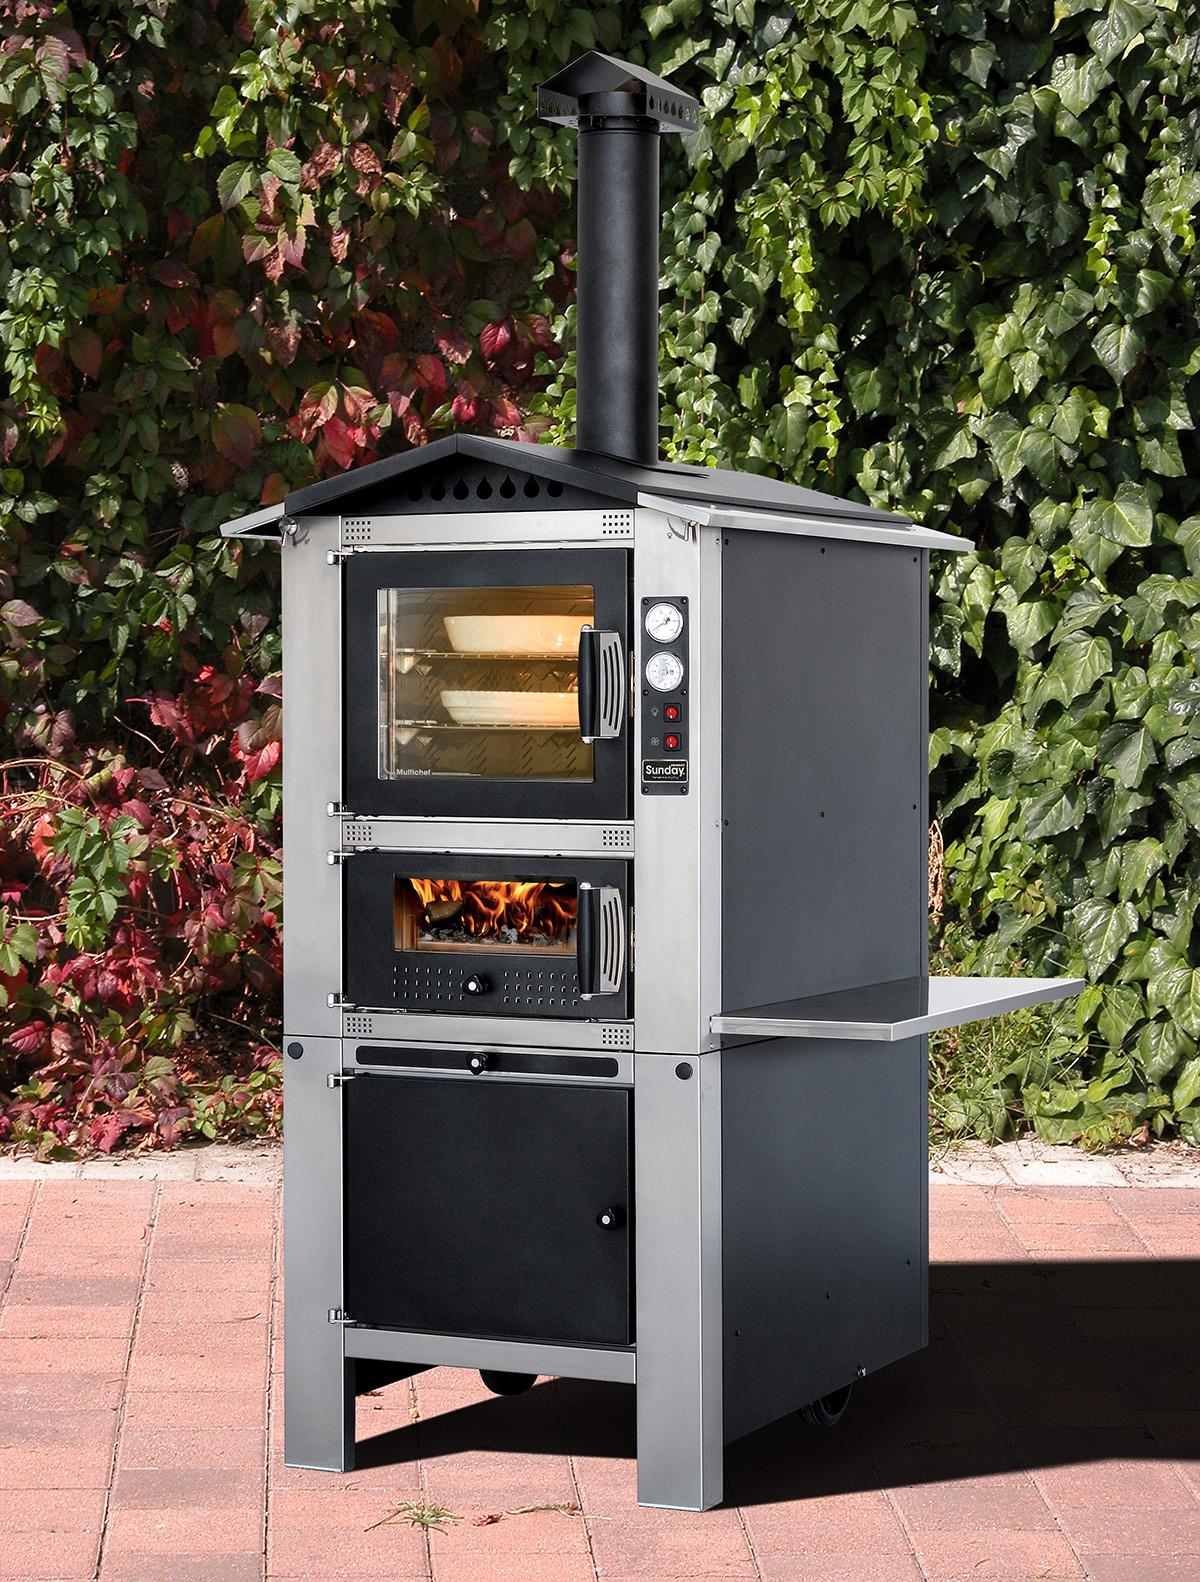 Forni E Barbecue Per Un Estate Di Gusto Addessi Store